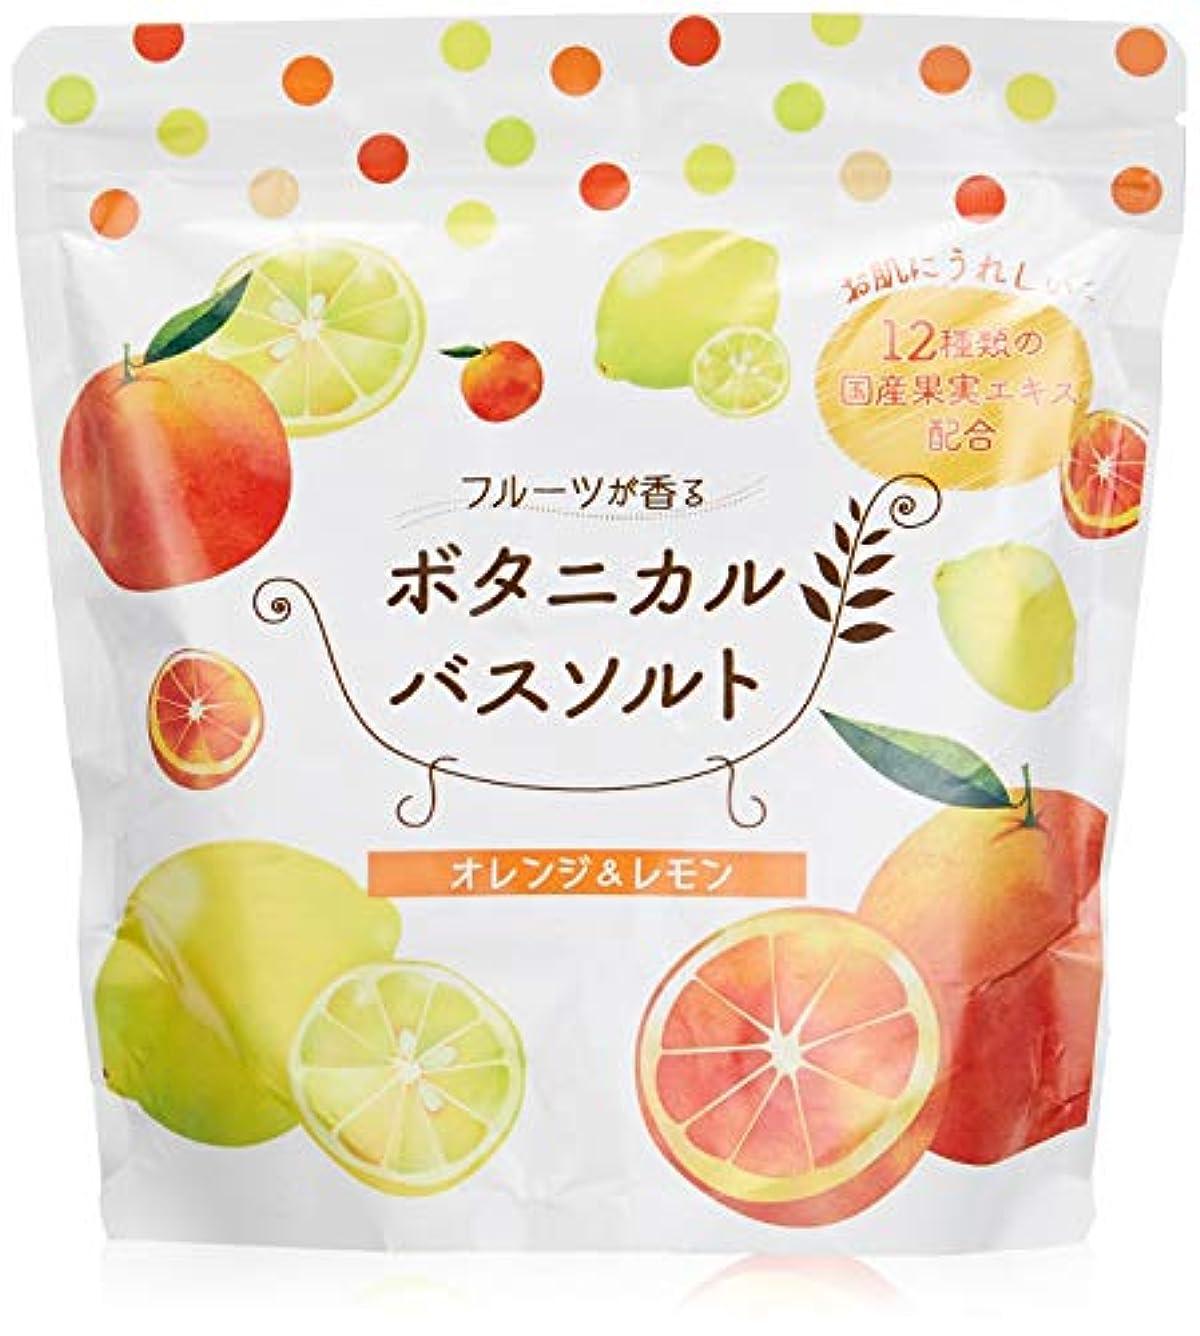 絡み合いオンスブリード松田医薬品 フルーツが香るボタニカルバスソルト オレンジ&レモン 450g